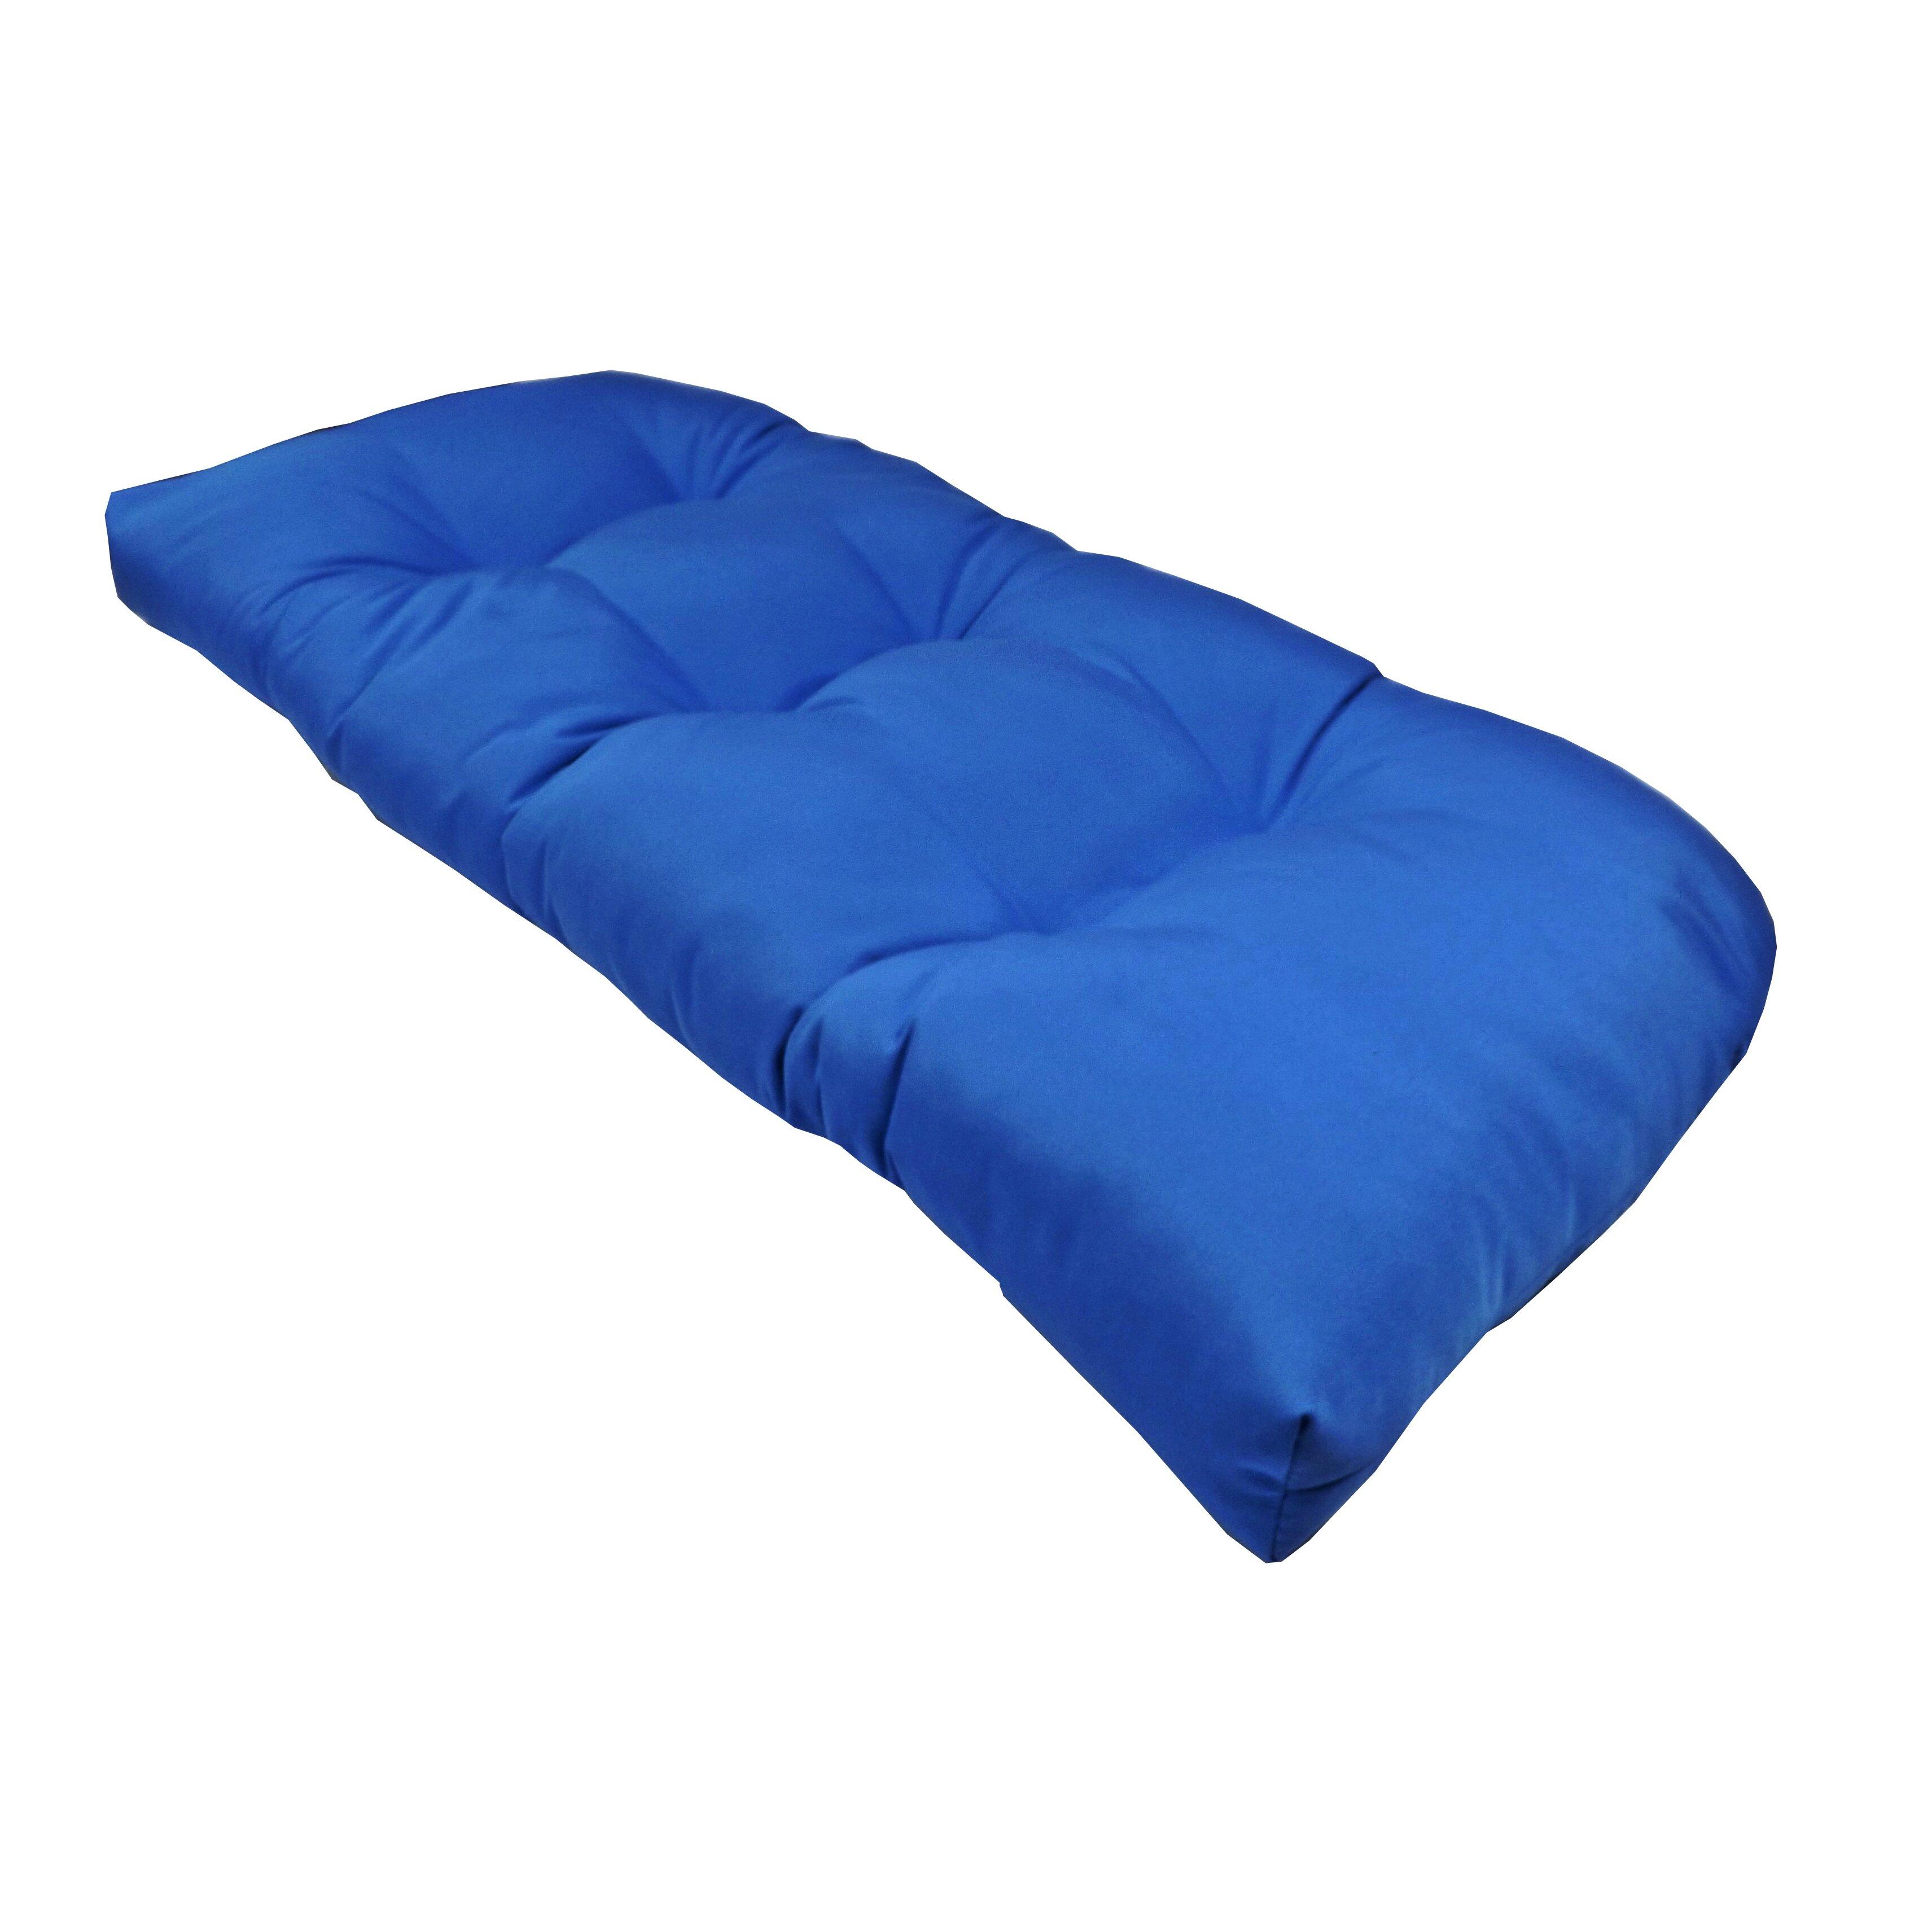 Cushion pros outdoor sunbrella loveseat cushion reviews wayfair Loveseat cushions outdoor